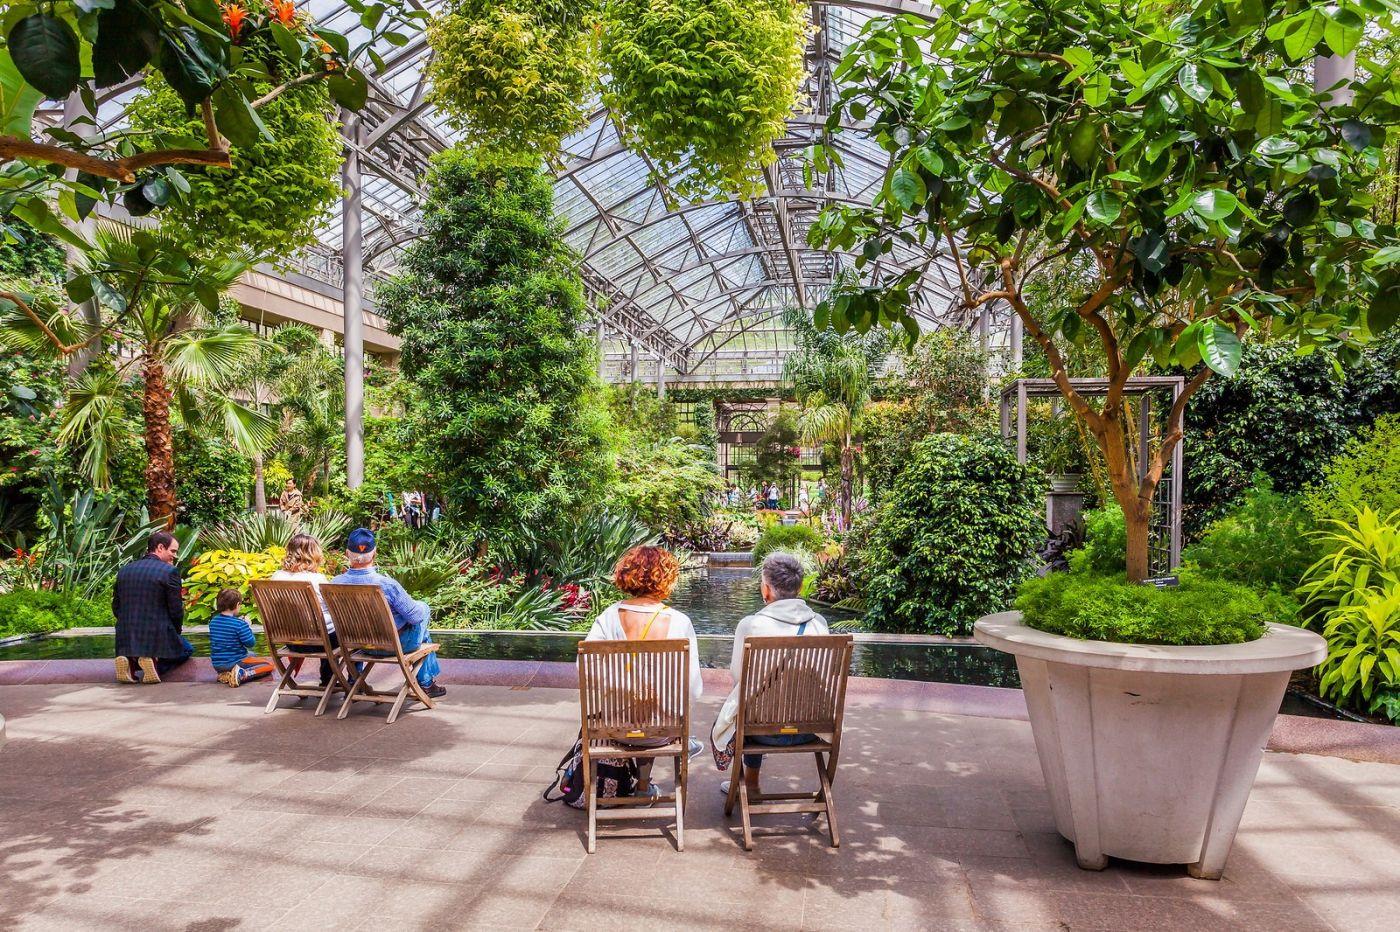 宾州长木公园,室内花园美如画_图1-1